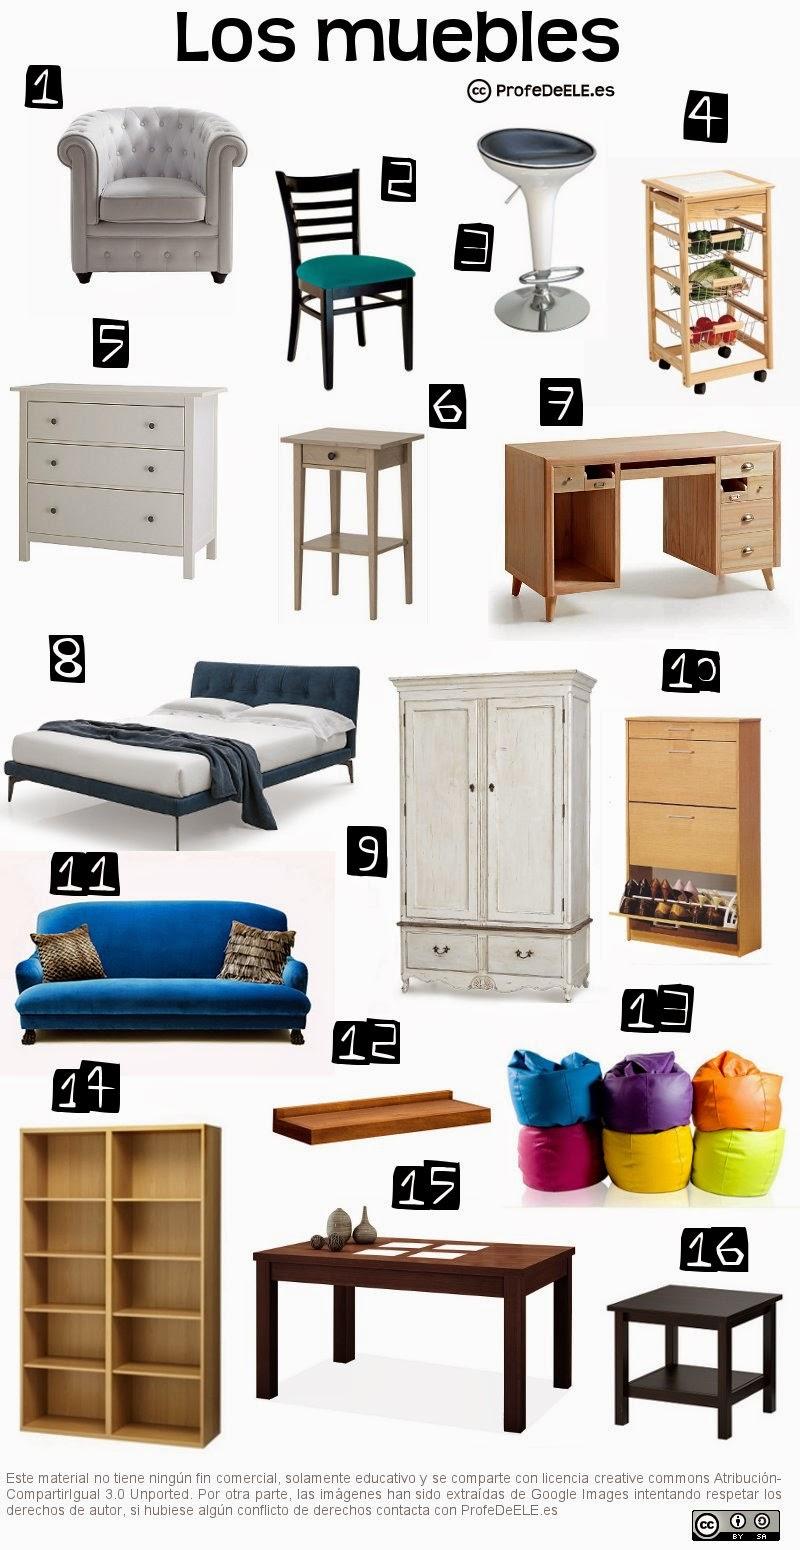 Vocabulario de los muebles de la casa - Hogar del mueble ingenio ...